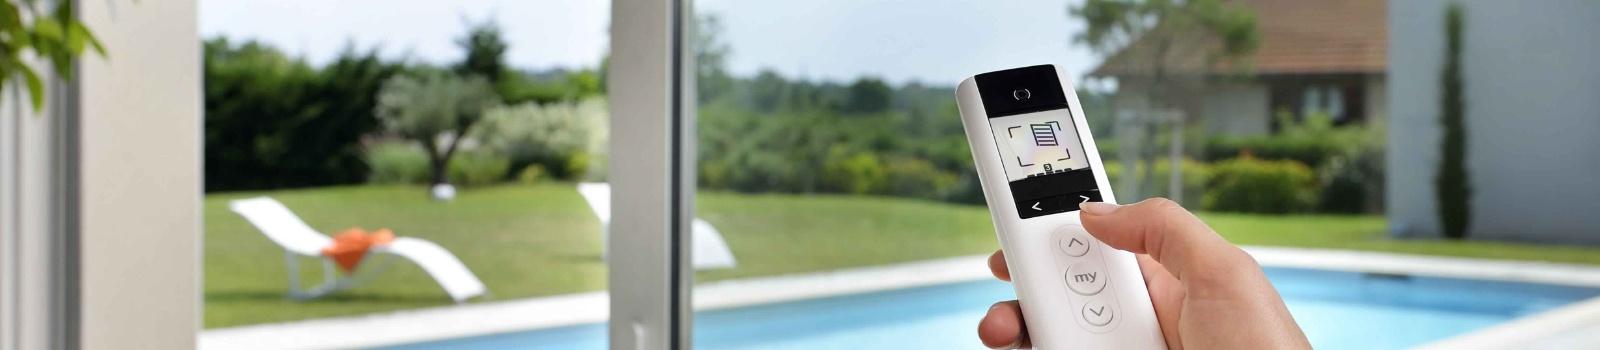 Domotique et alarmes pour votre maison